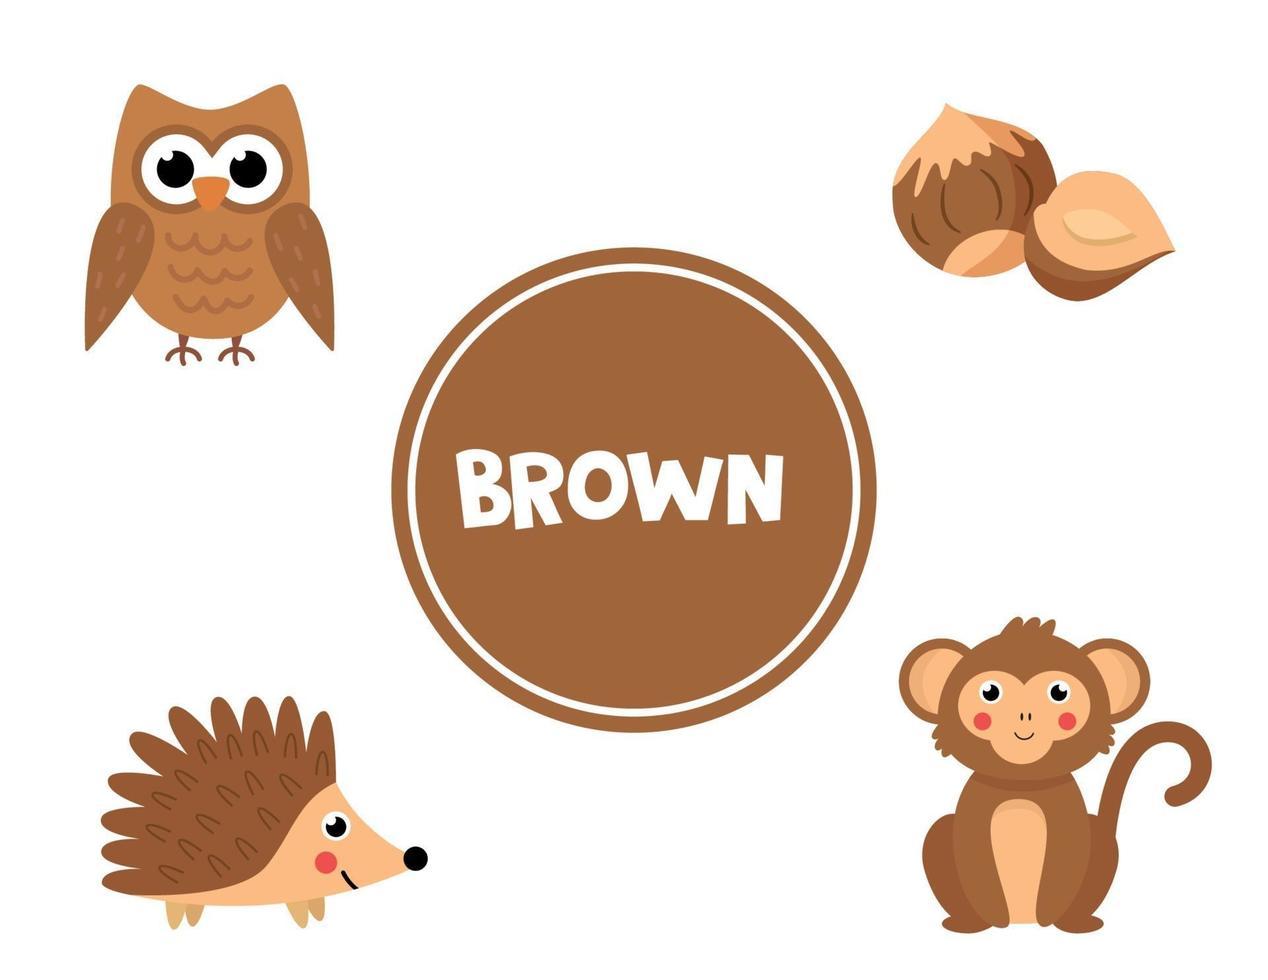 apprendre la couleur brune pour les enfants d'âge préscolaire. feuille de travail pédagogique. vecteur